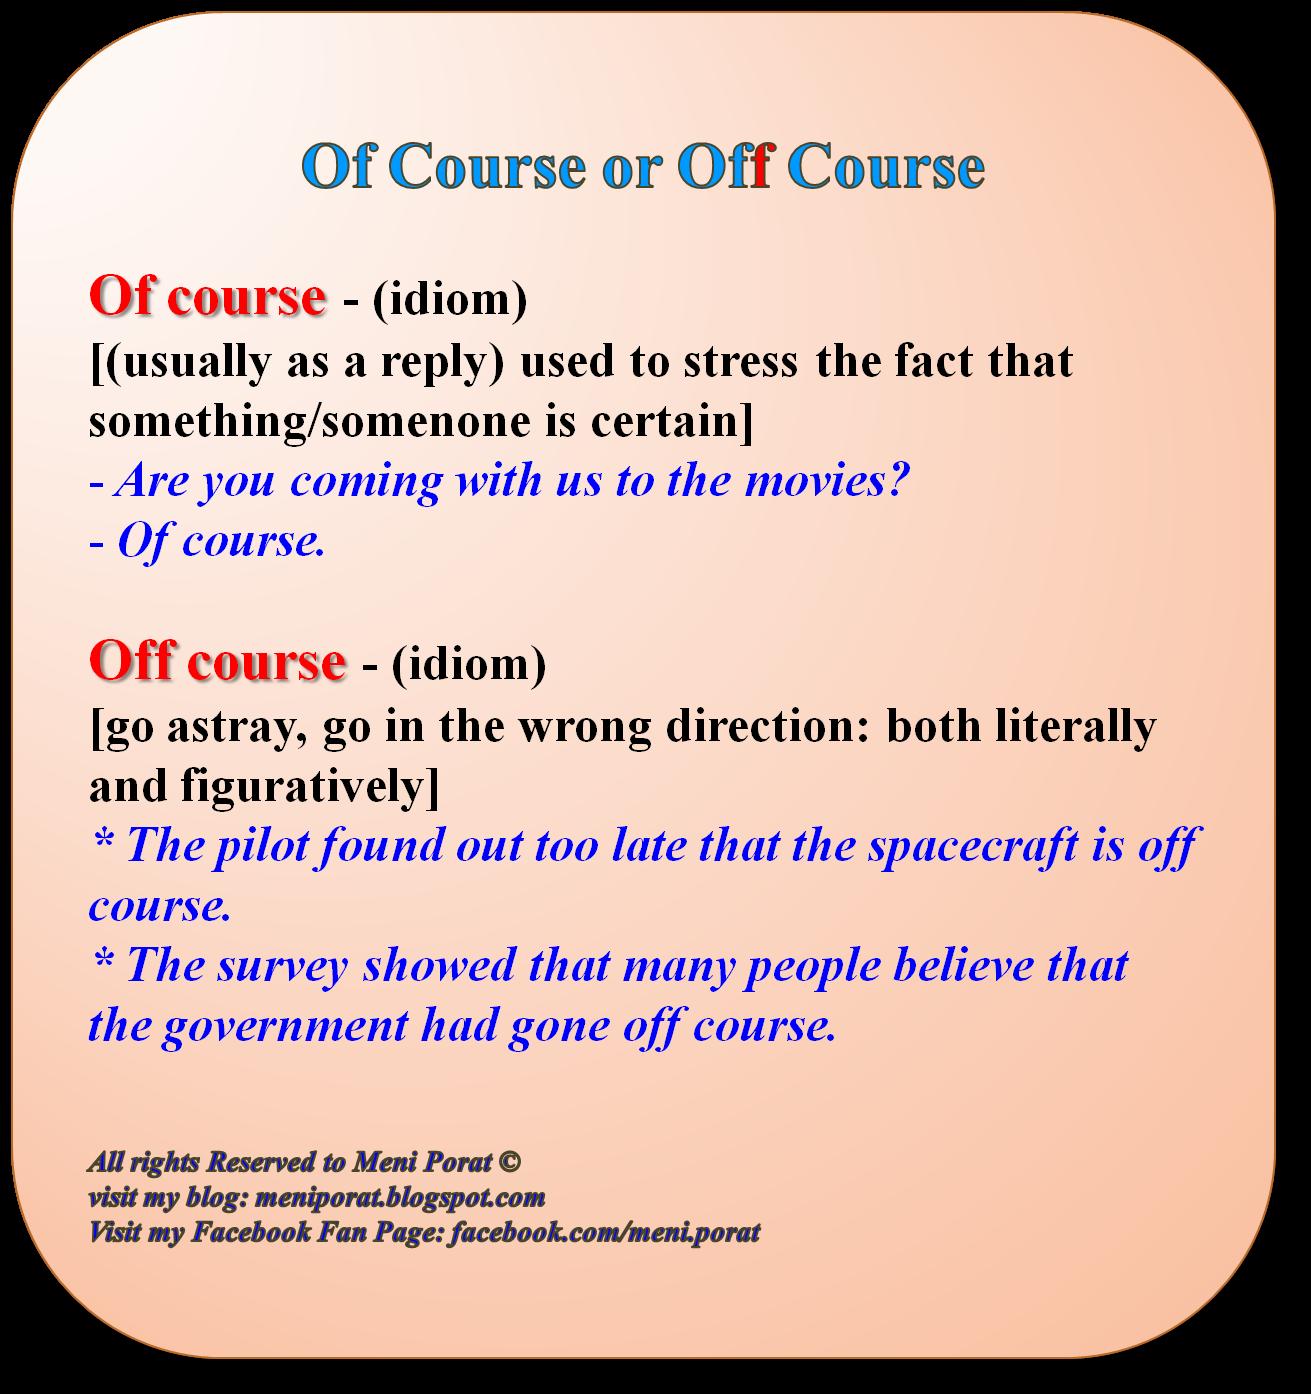 הבלוג של מני: Of Course or Off Course?